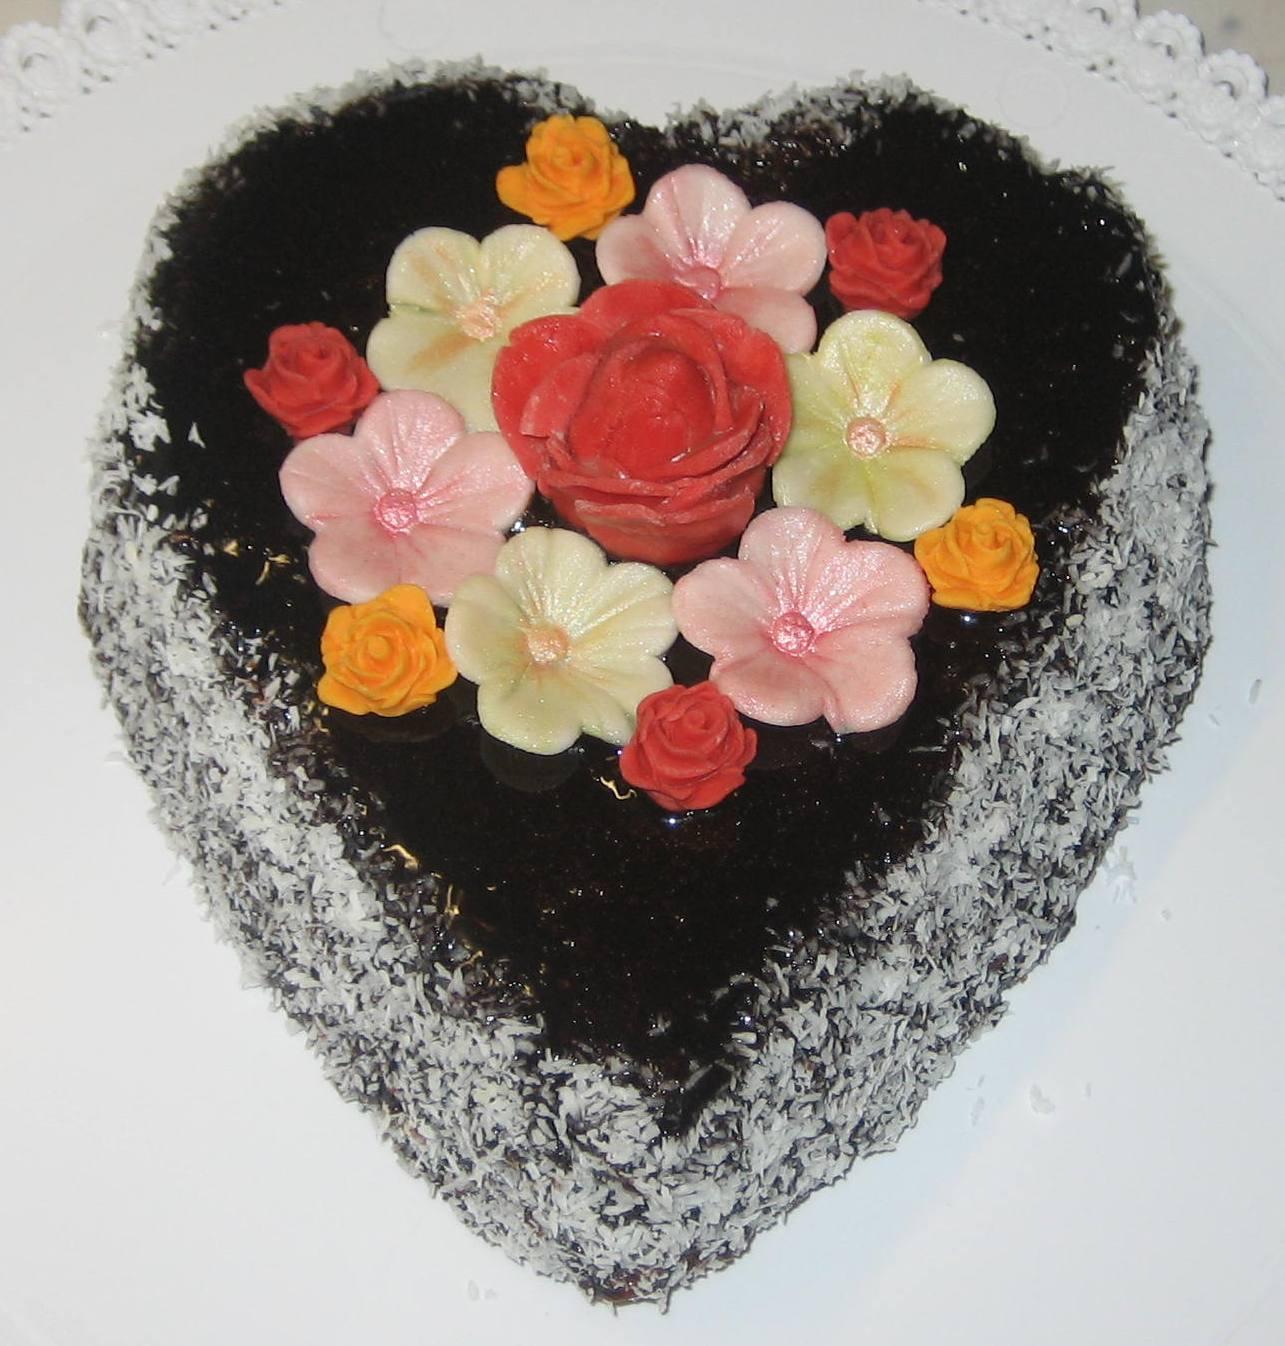 abbastanza Torte e biscotti decorati per bomboniere golose !: Cuori e fiori  VX64